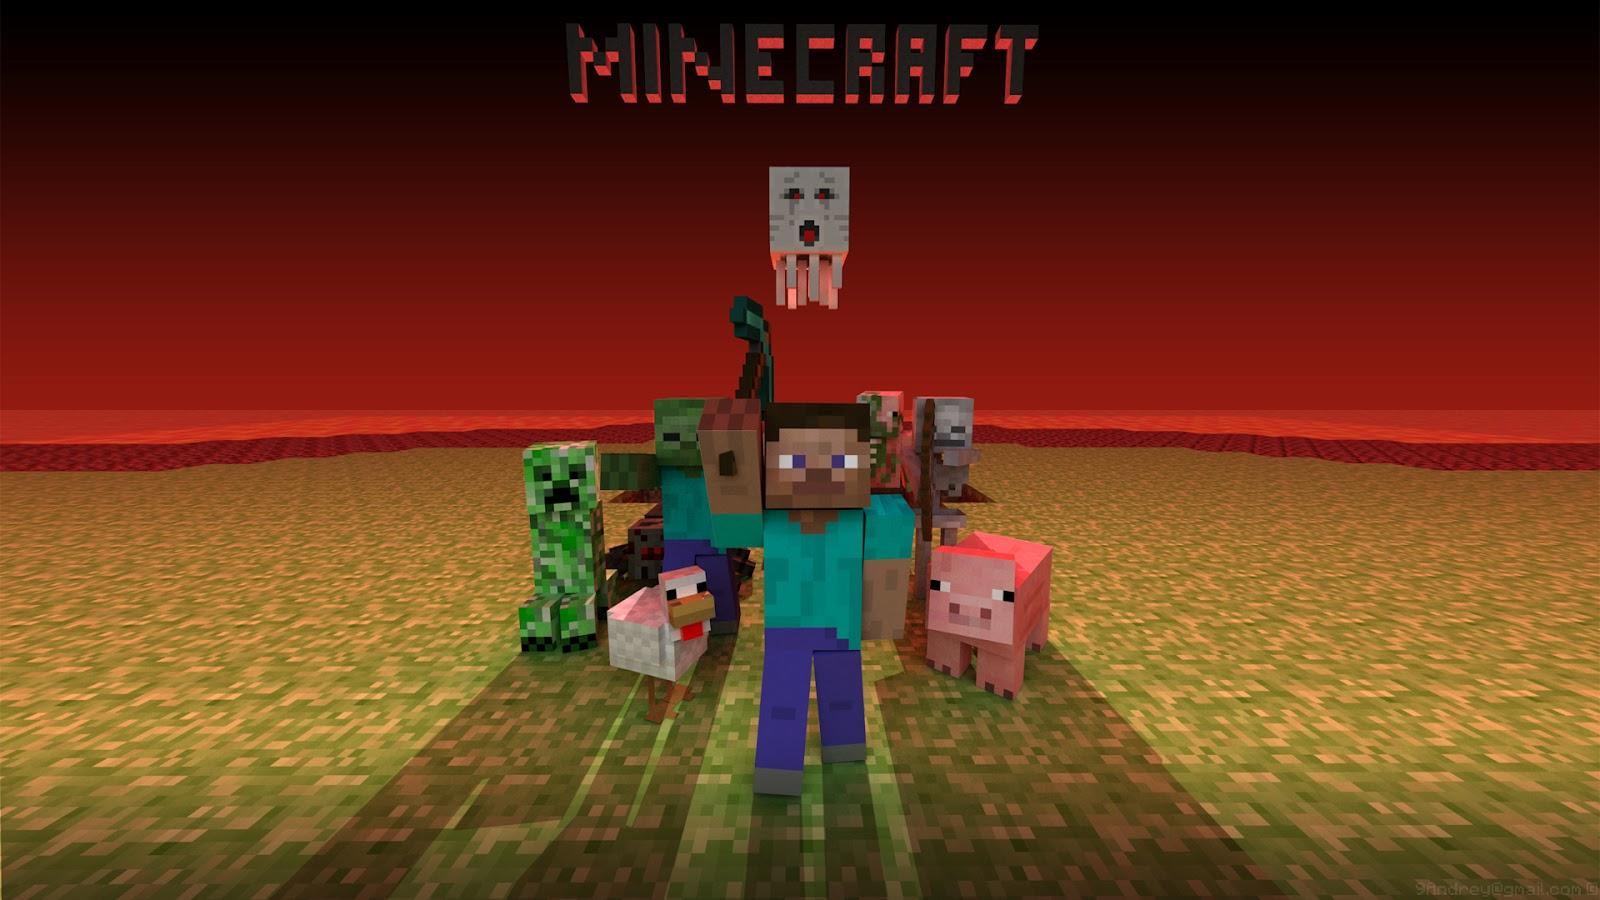 http://1.bp.blogspot.com/-I-Gm-irBAwE/T15meGg0f-I/AAAAAAAAAGU/VZsAoeAUVMM/s1600/awesome-minecraft-wallpaper.jpg